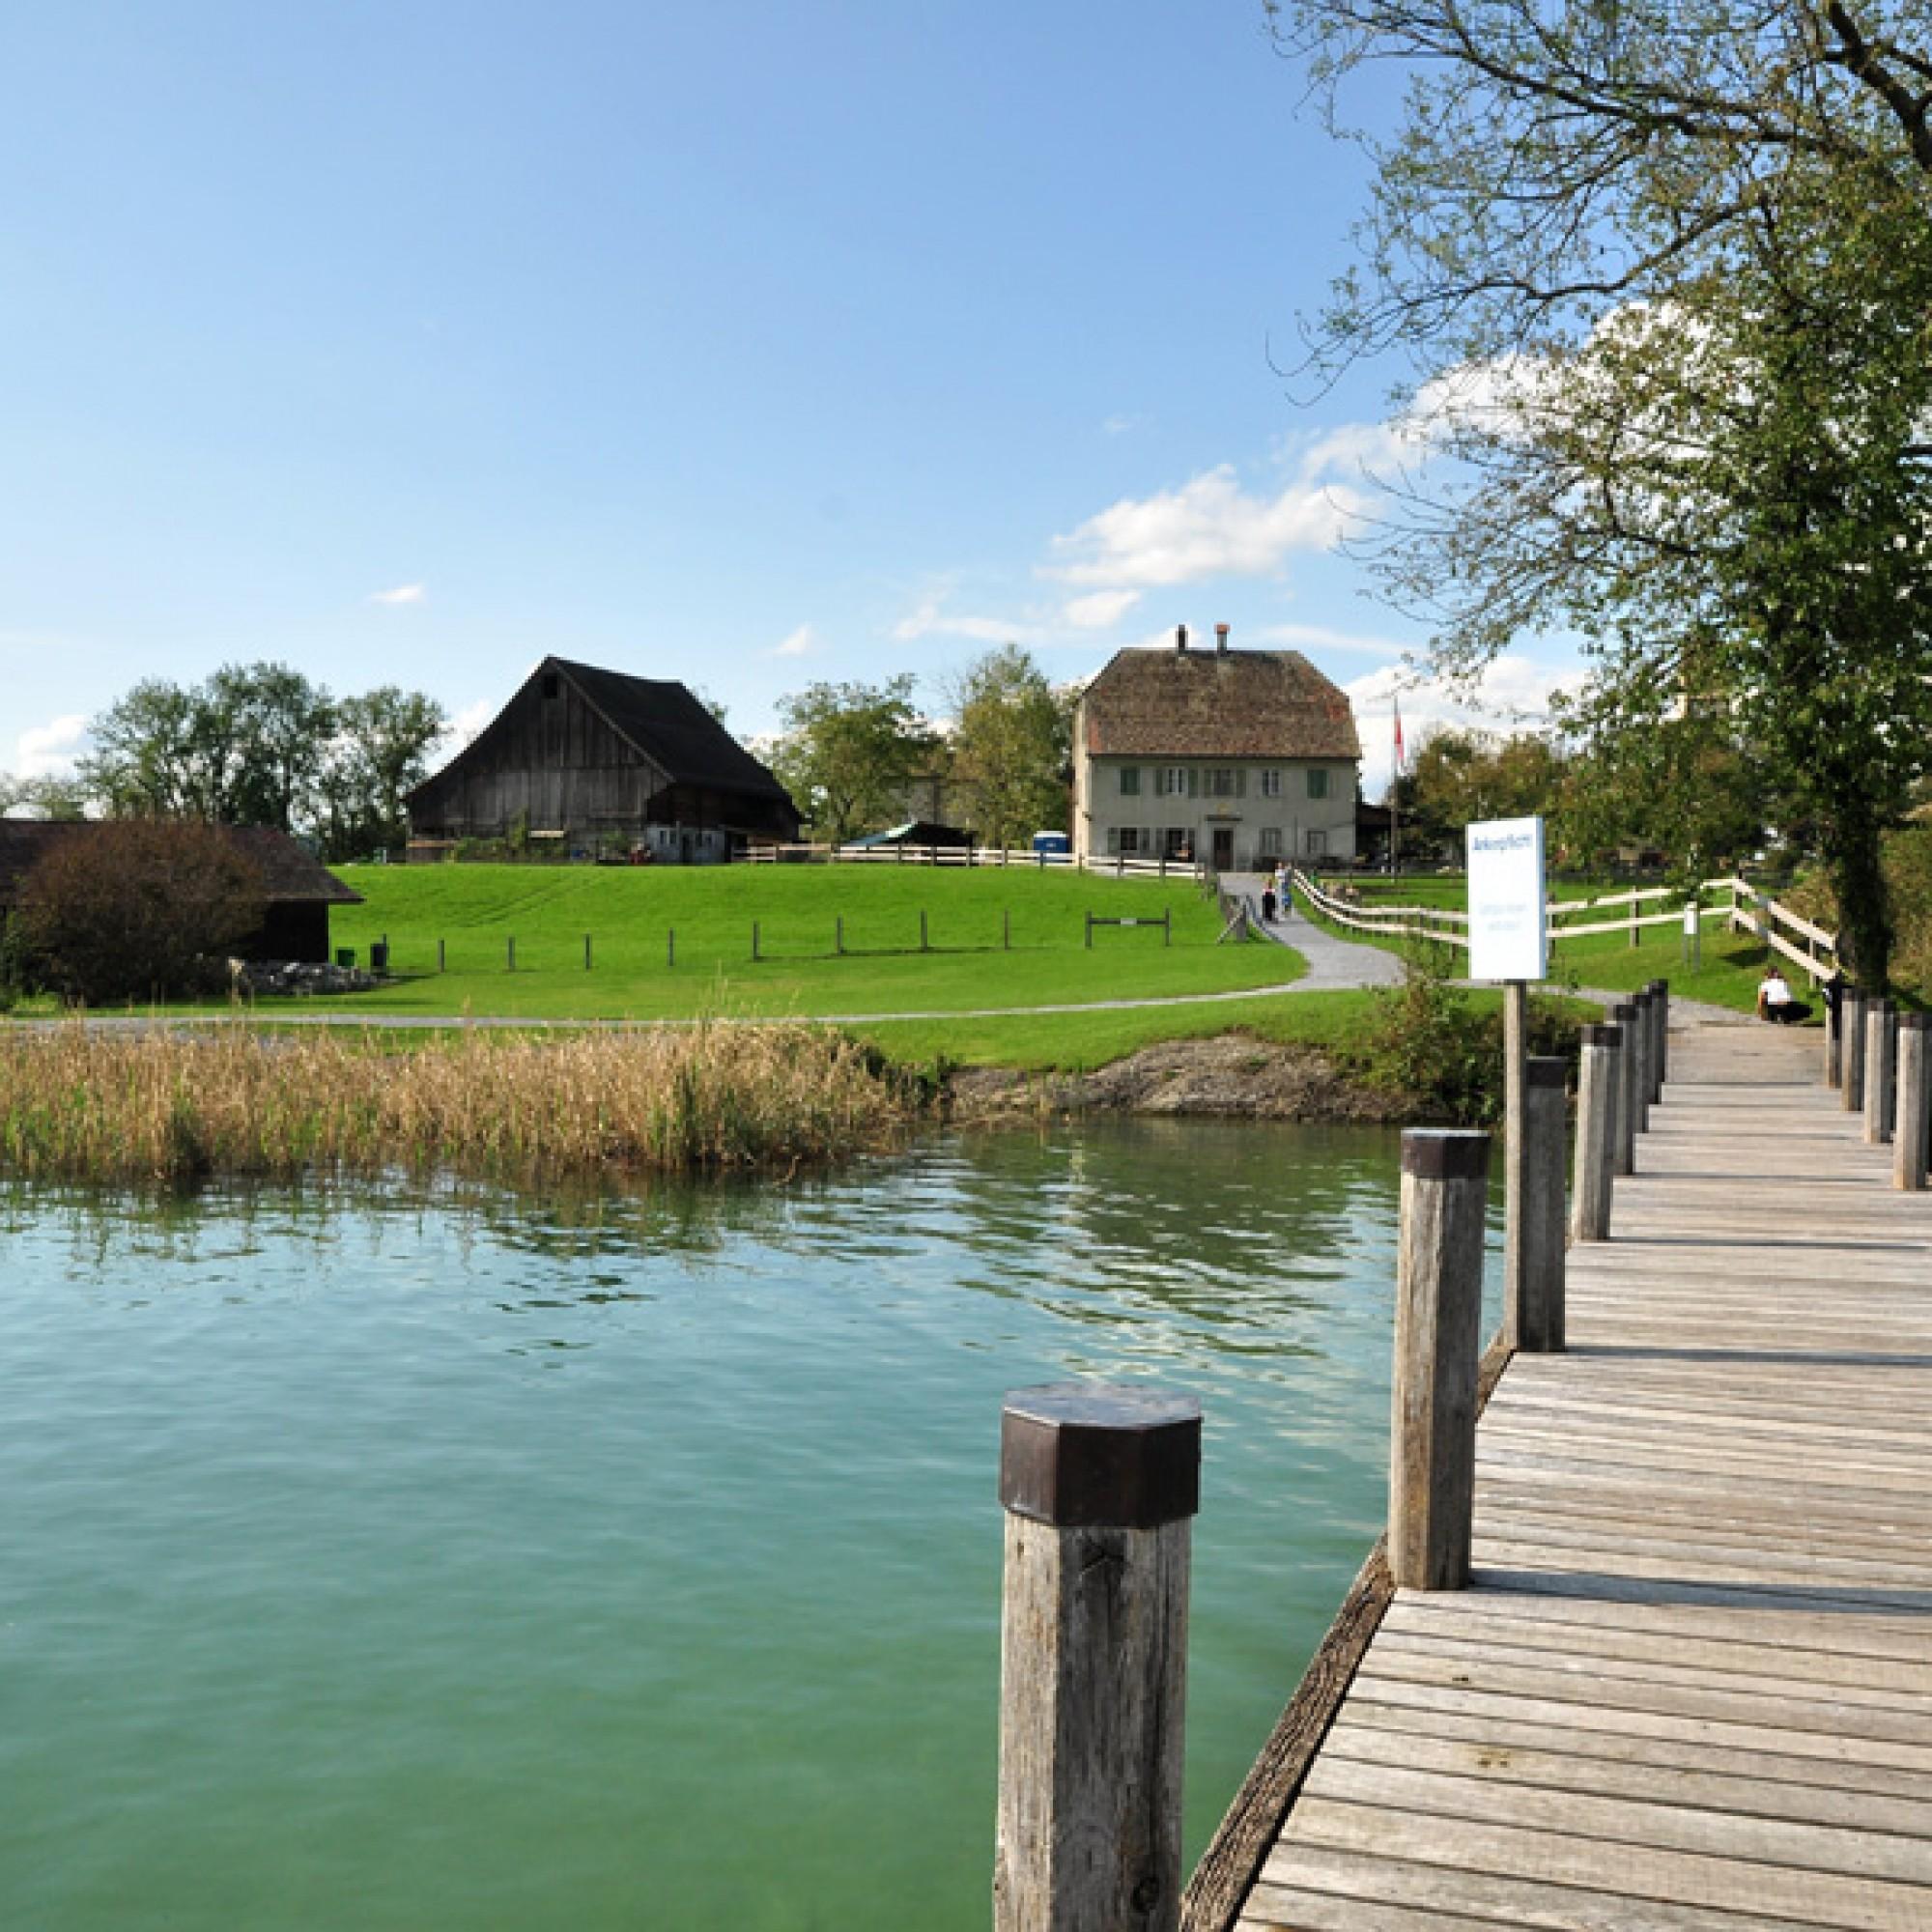 Die Ufenau-Bauten im Jahr 2010: Haus zu den zwei Raben (rechts), Scheune und Schuppen sowie das inzwischen erneuerte Bootshaus (vorne) (wikimedia.org, Roland zh, CC)